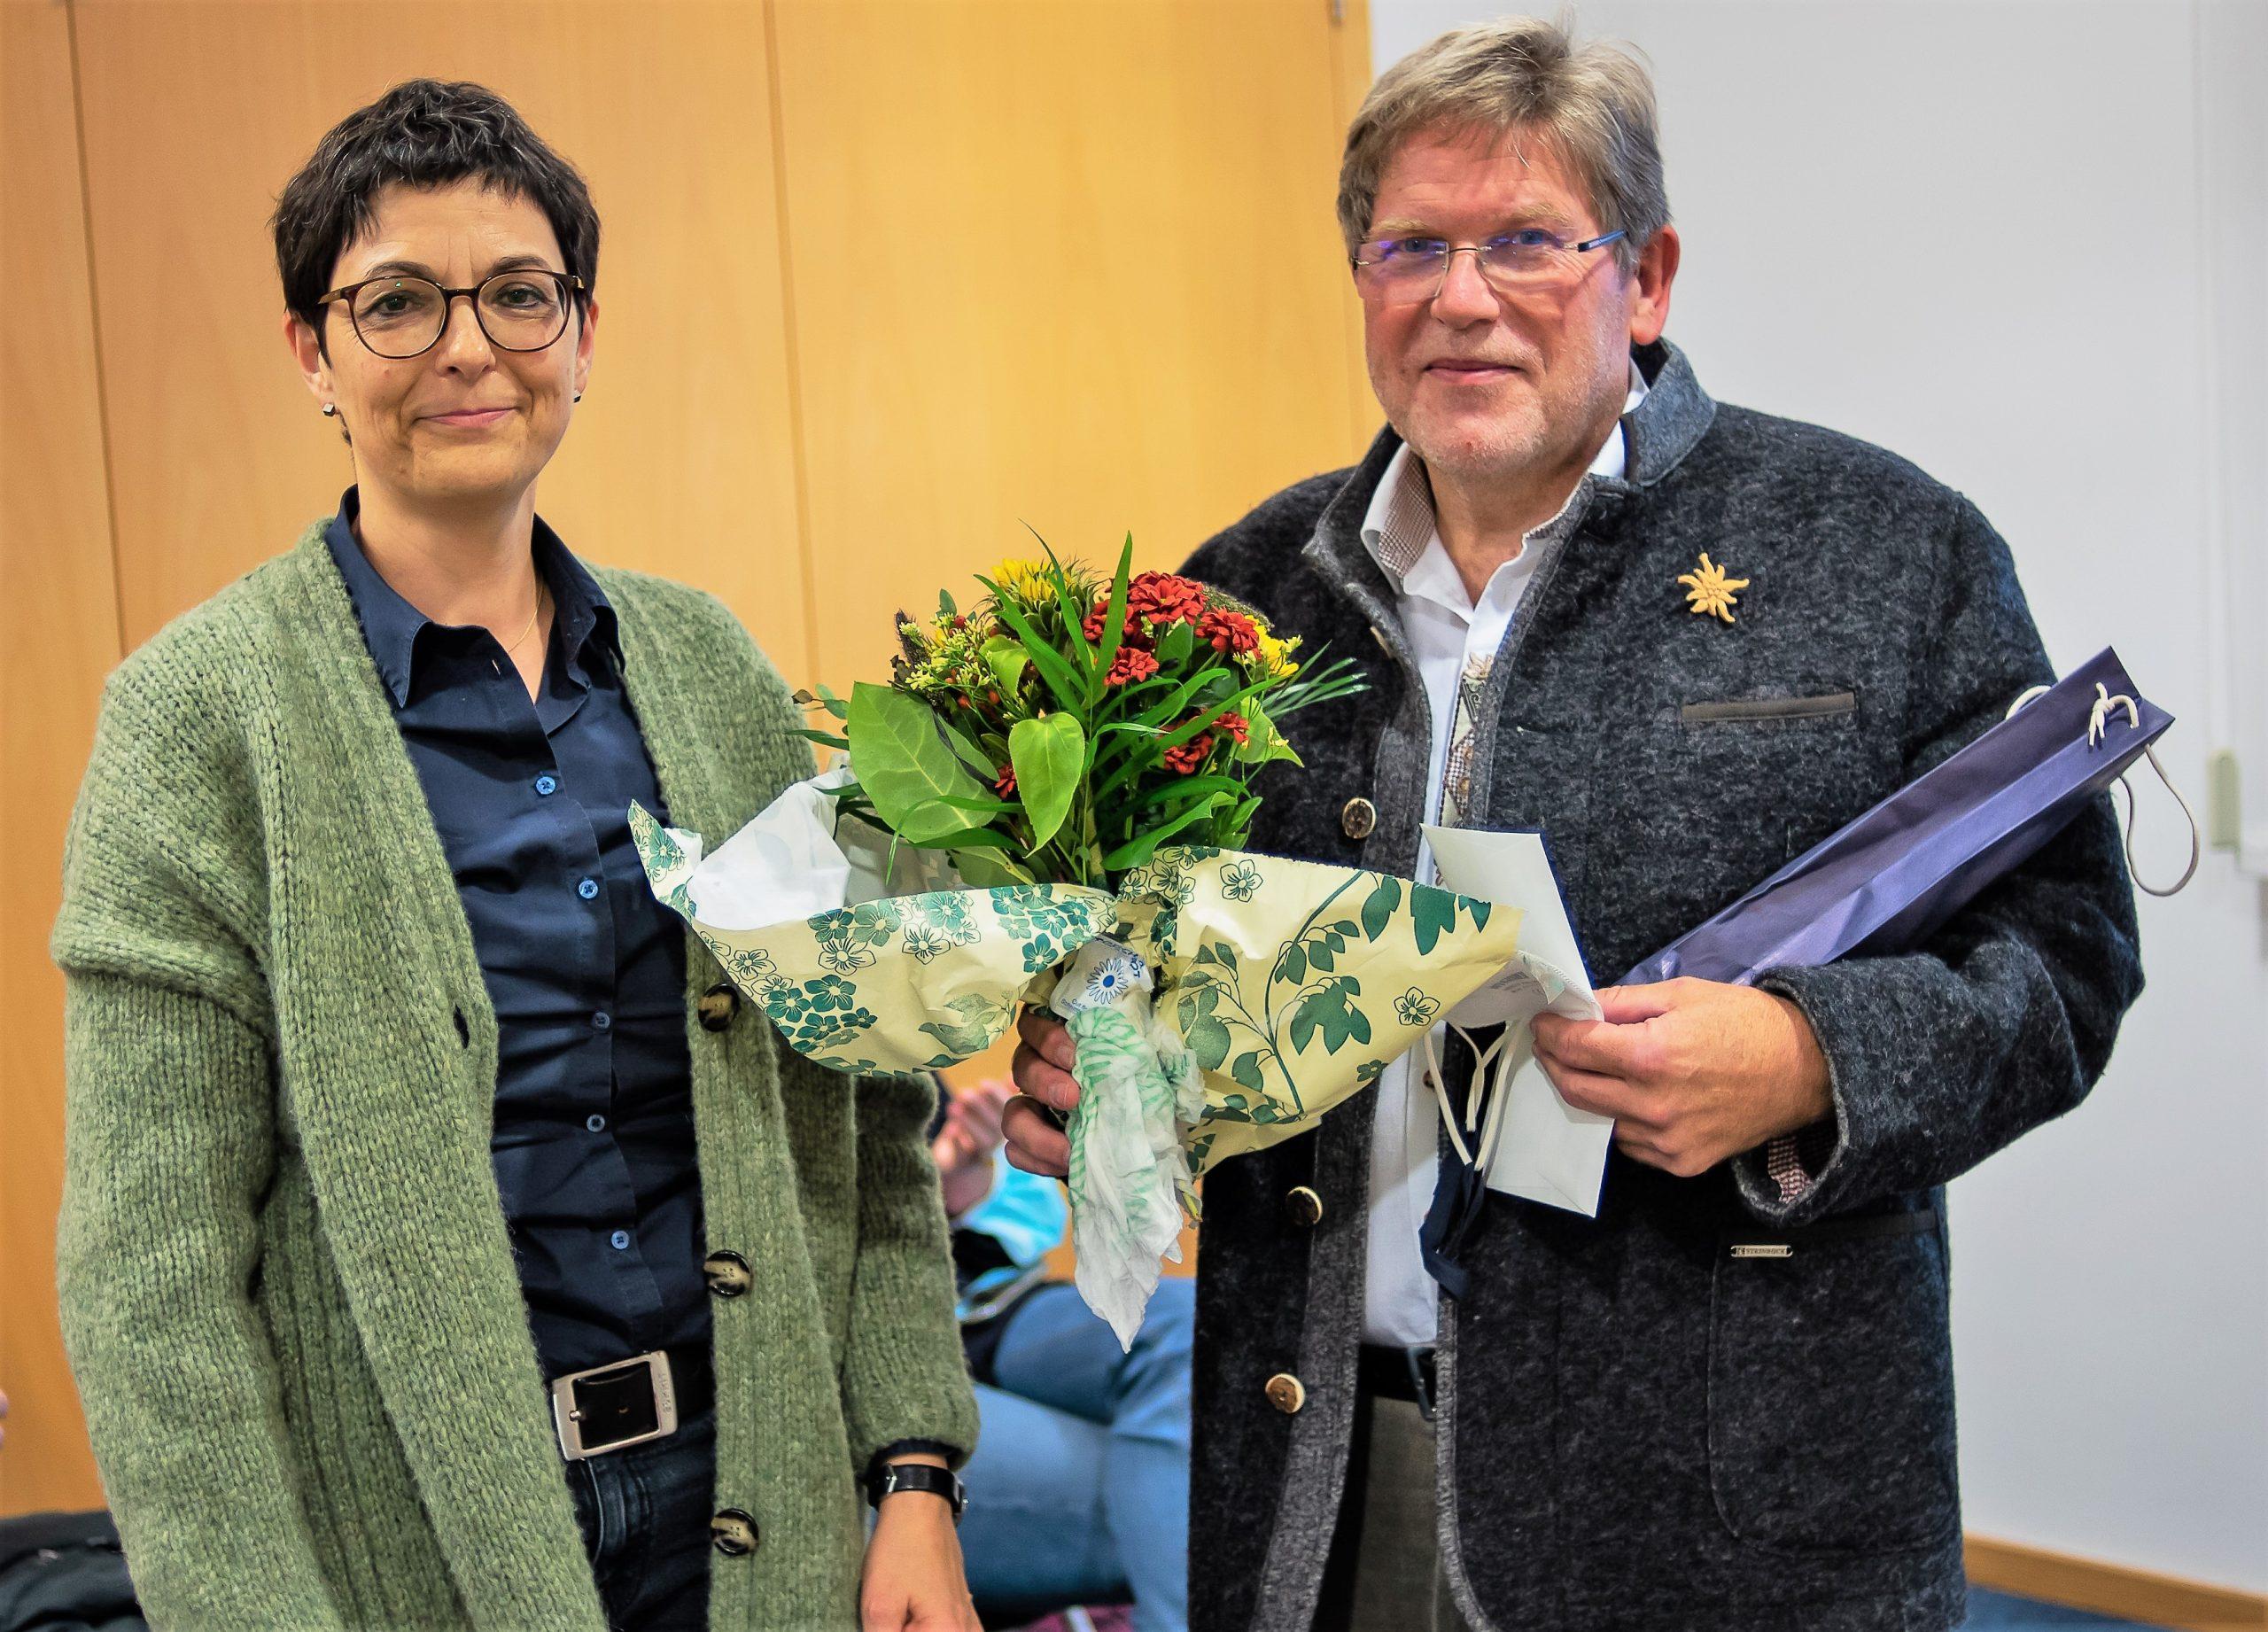 Verabschiedung von Bernhard Kollischan aus dem Kalchreuther Gemeinderat